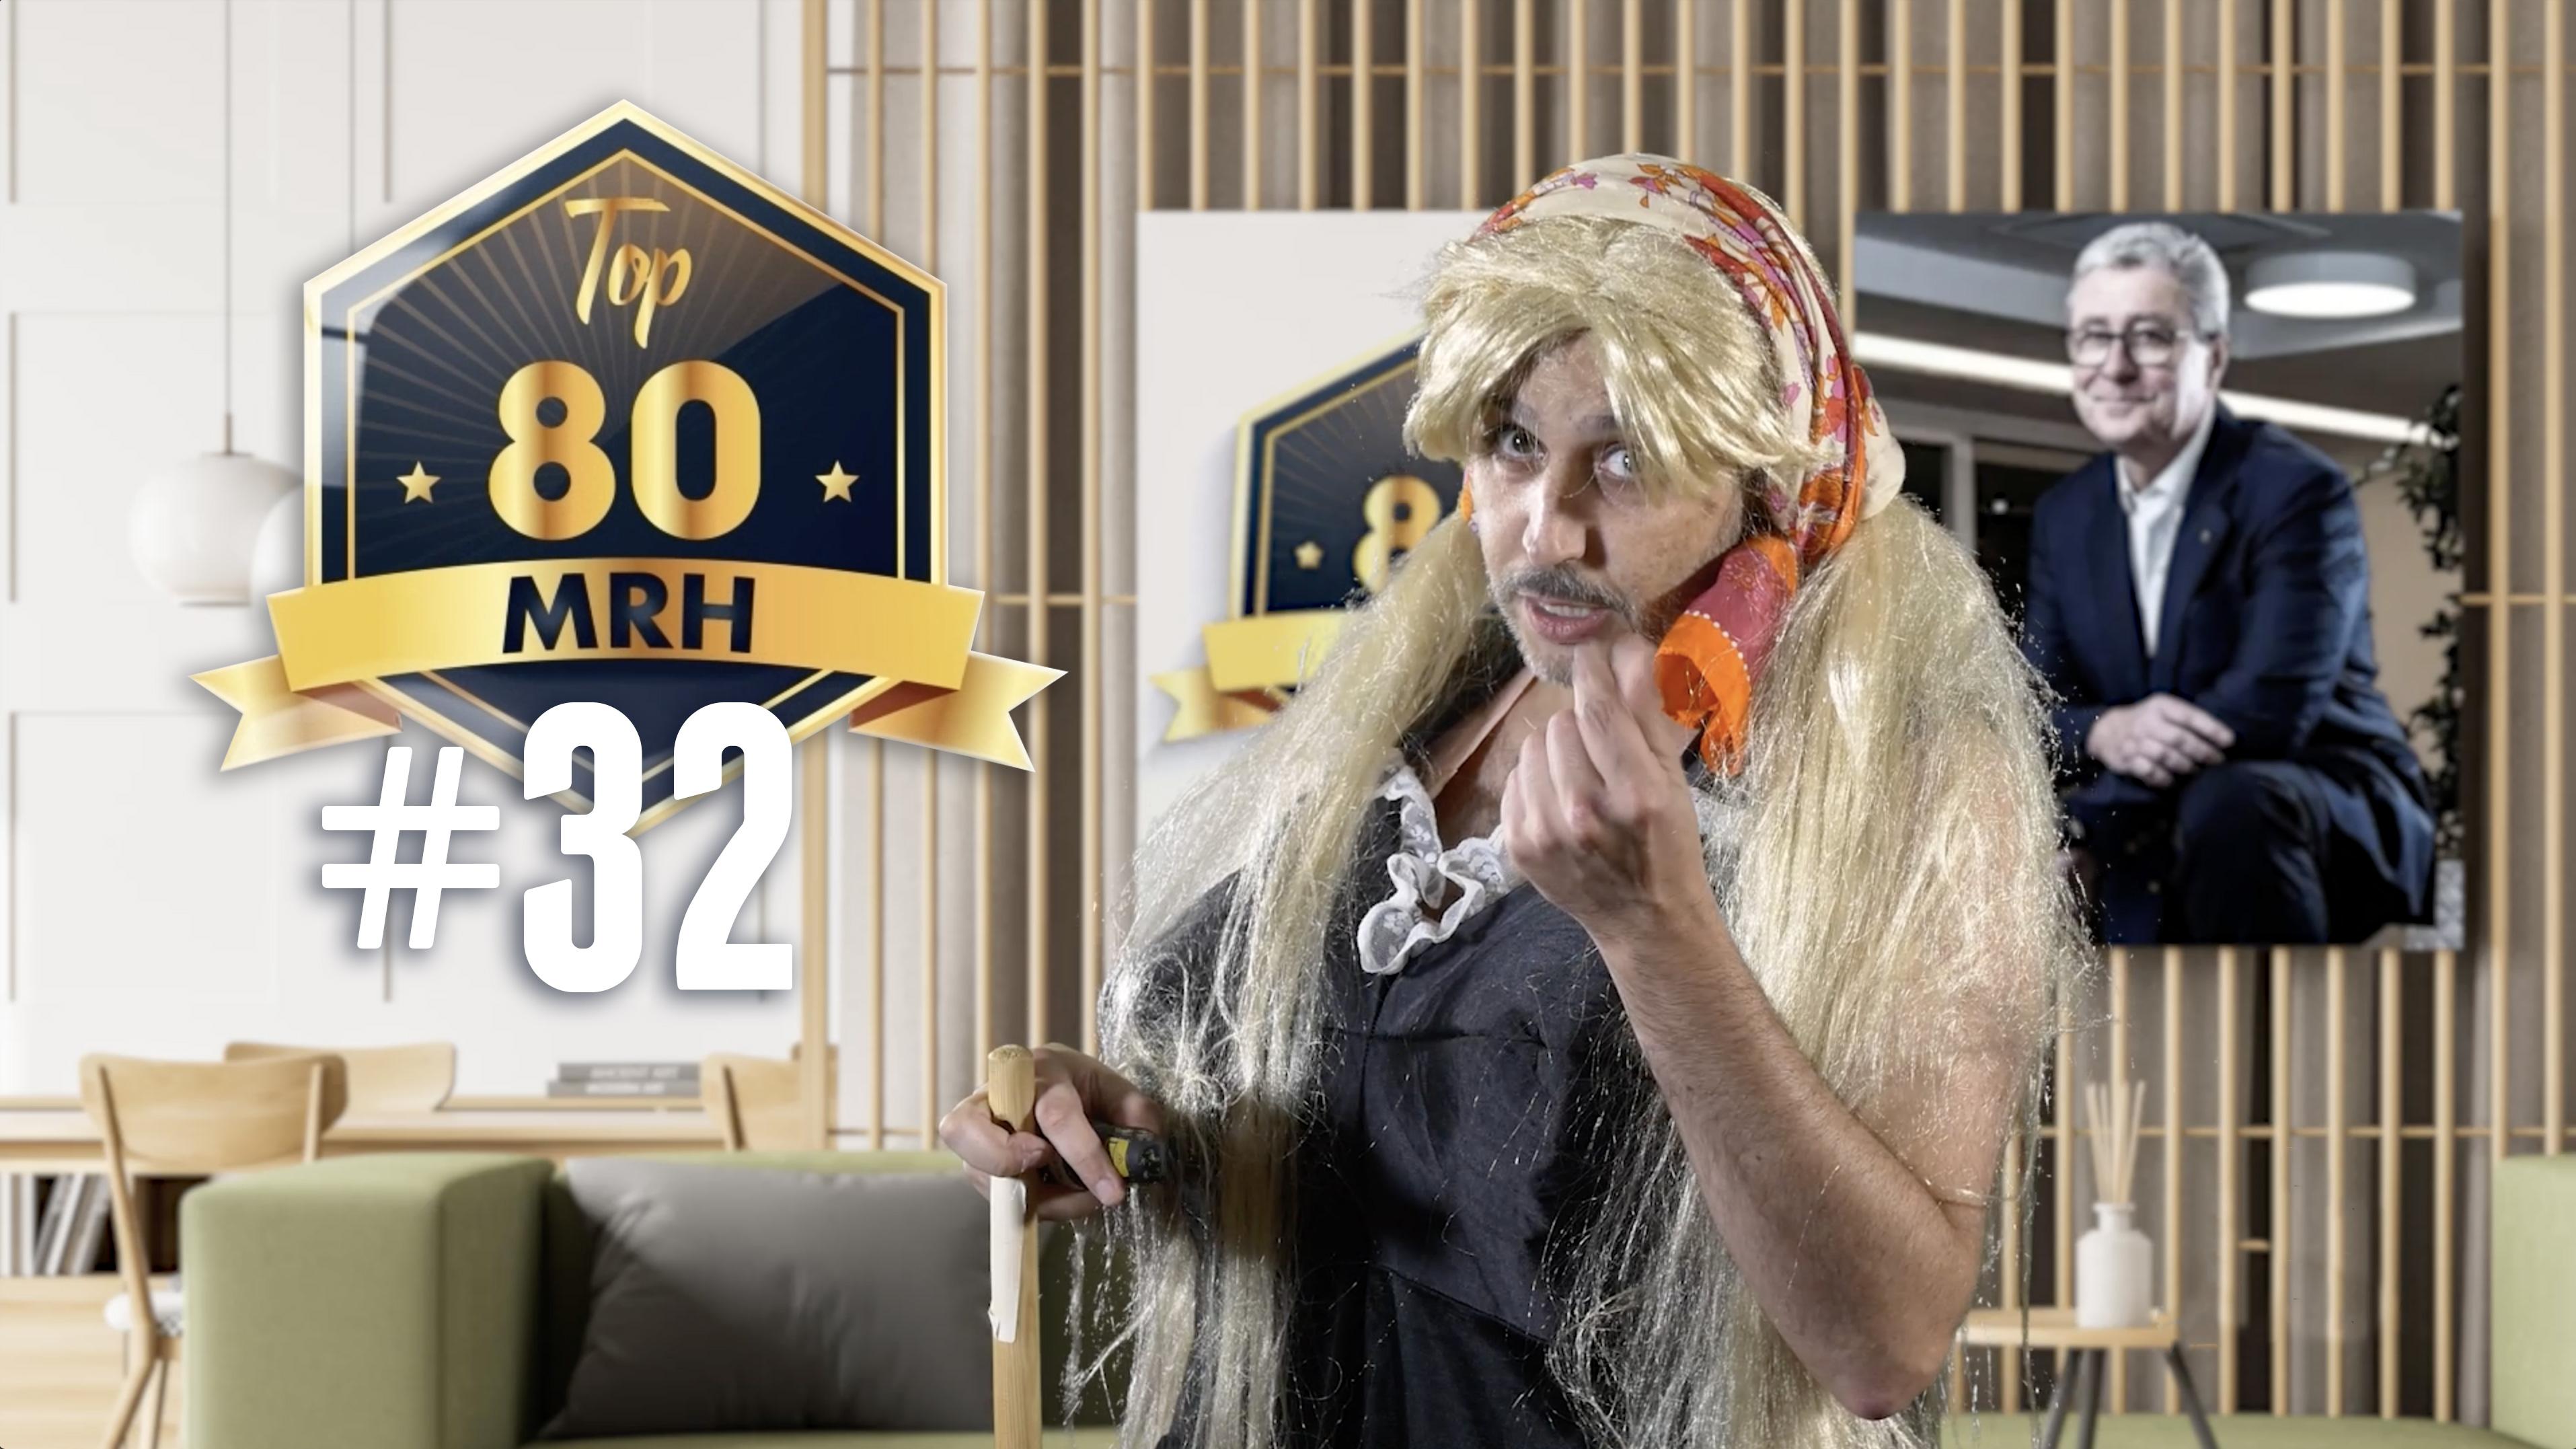 Top 80 MRH - Qui fera partie du 32e classement Top MRH ?